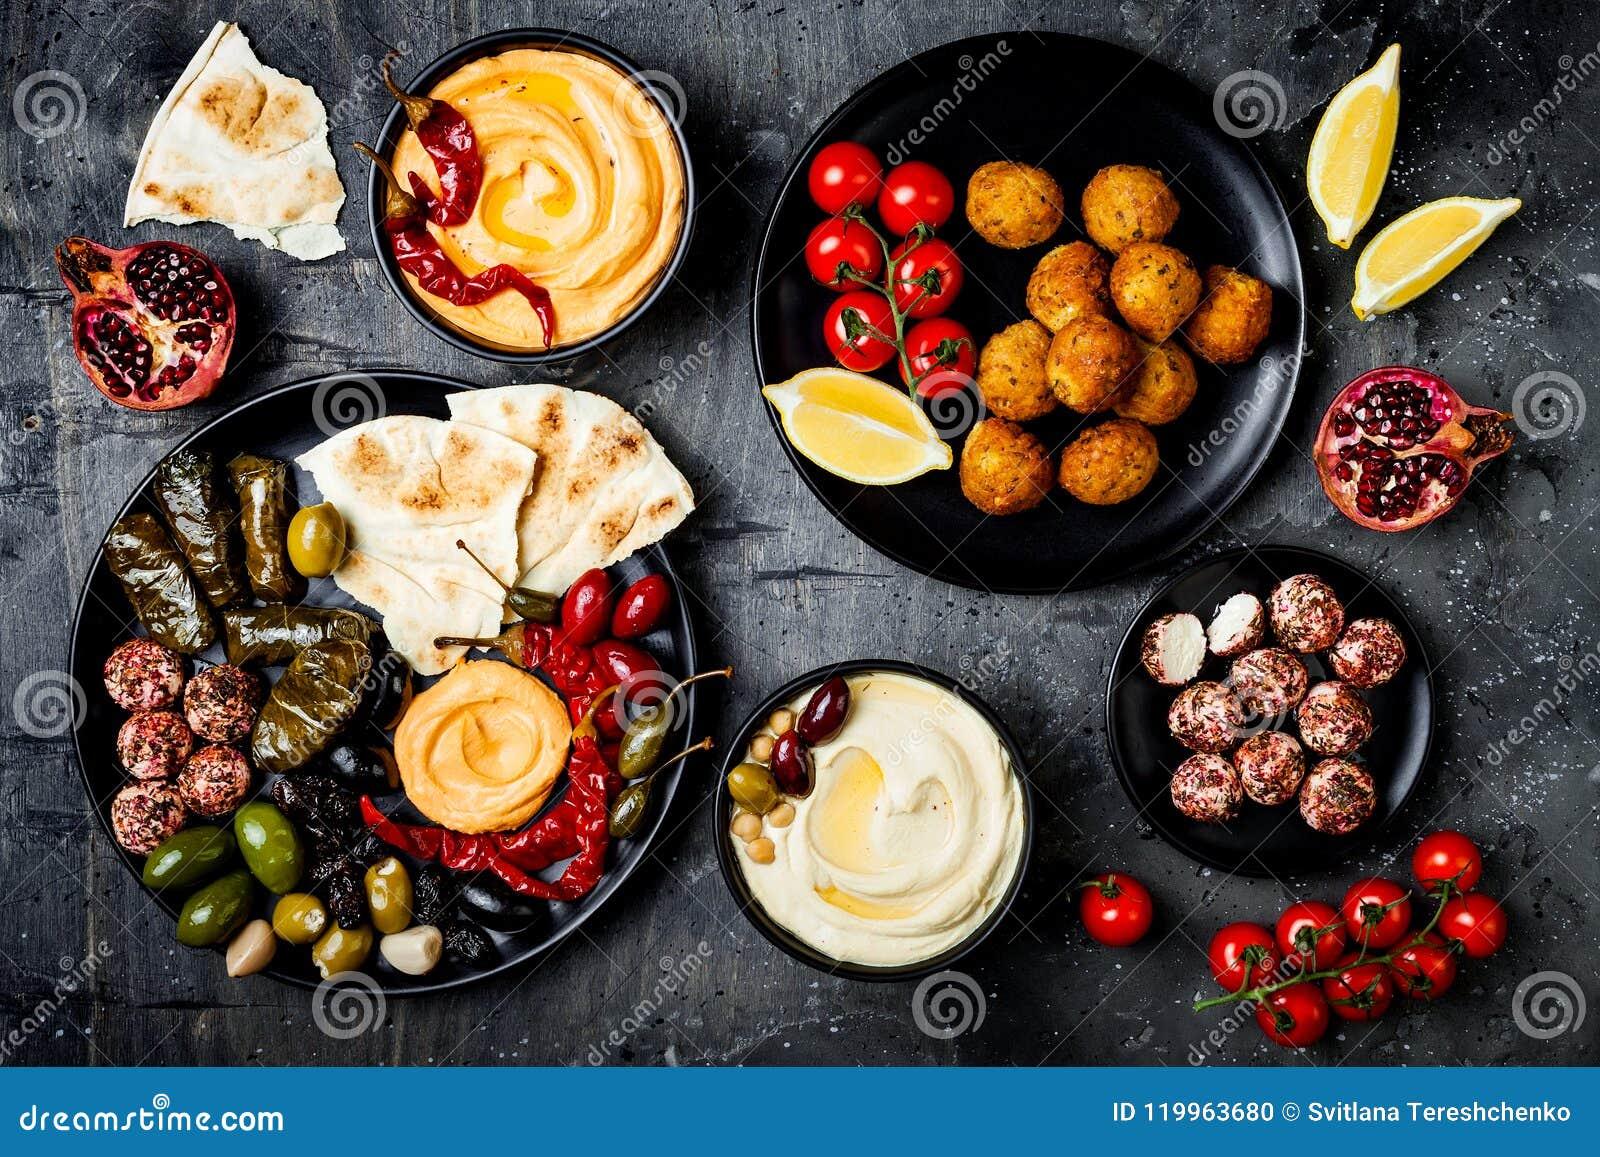 Arabska Tradycyjna Kuchnia Bliskowschodni Meze Polmisek Z Pita